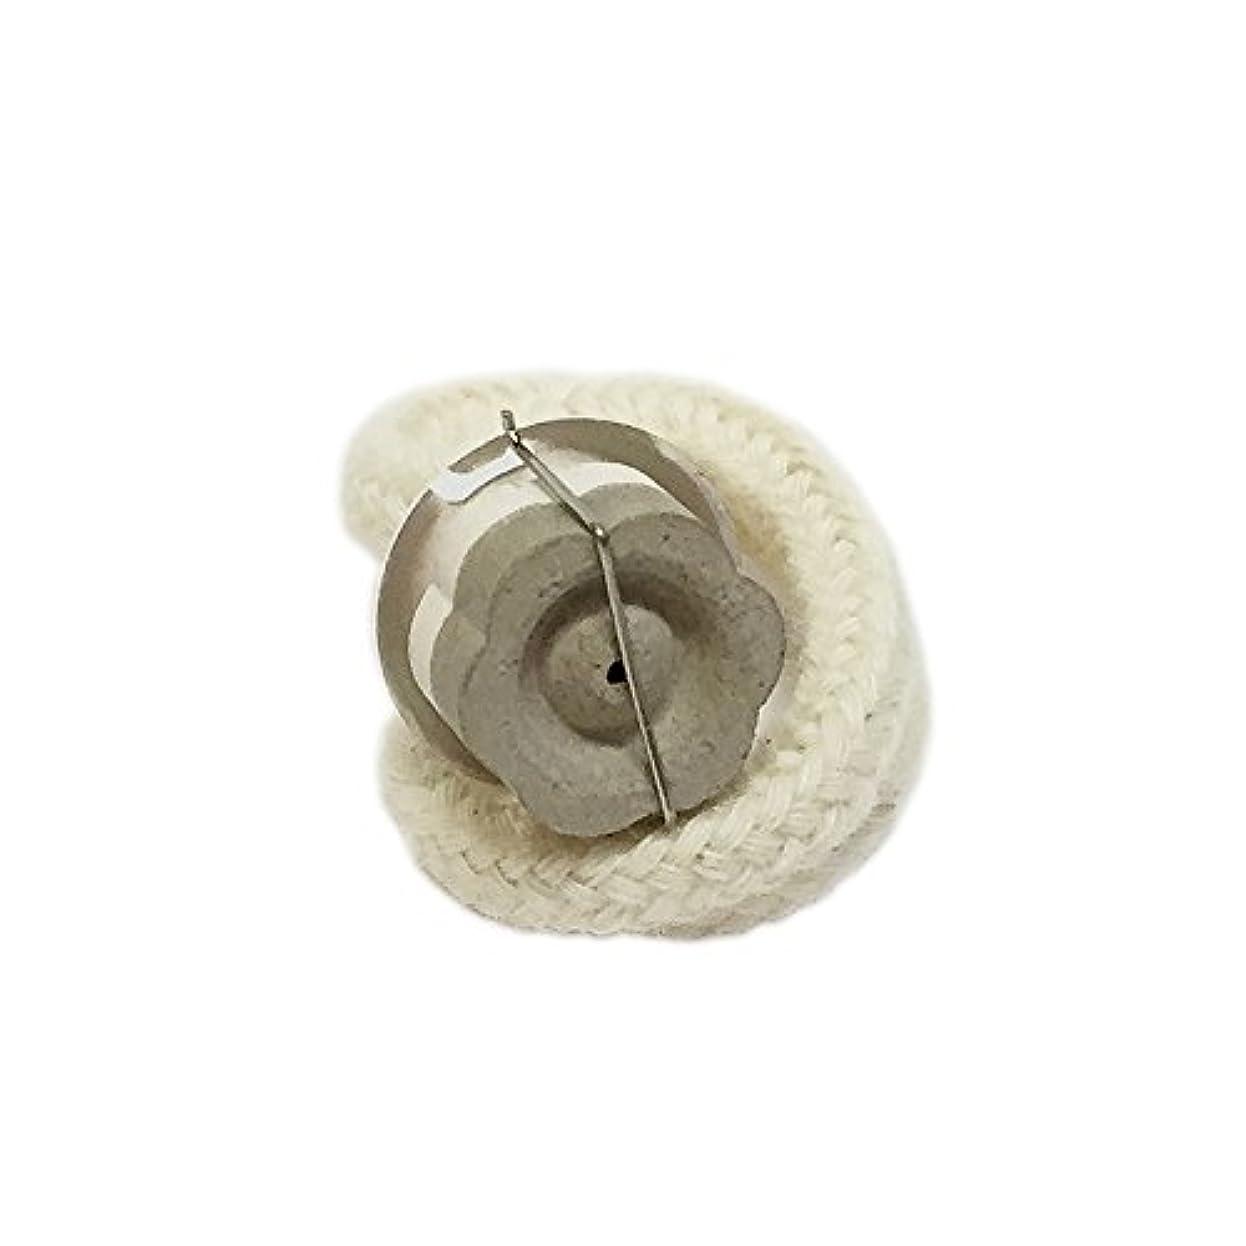 テナント時々時々クローンミニランプ用 交換バーナー (シルバー) セラミック芯